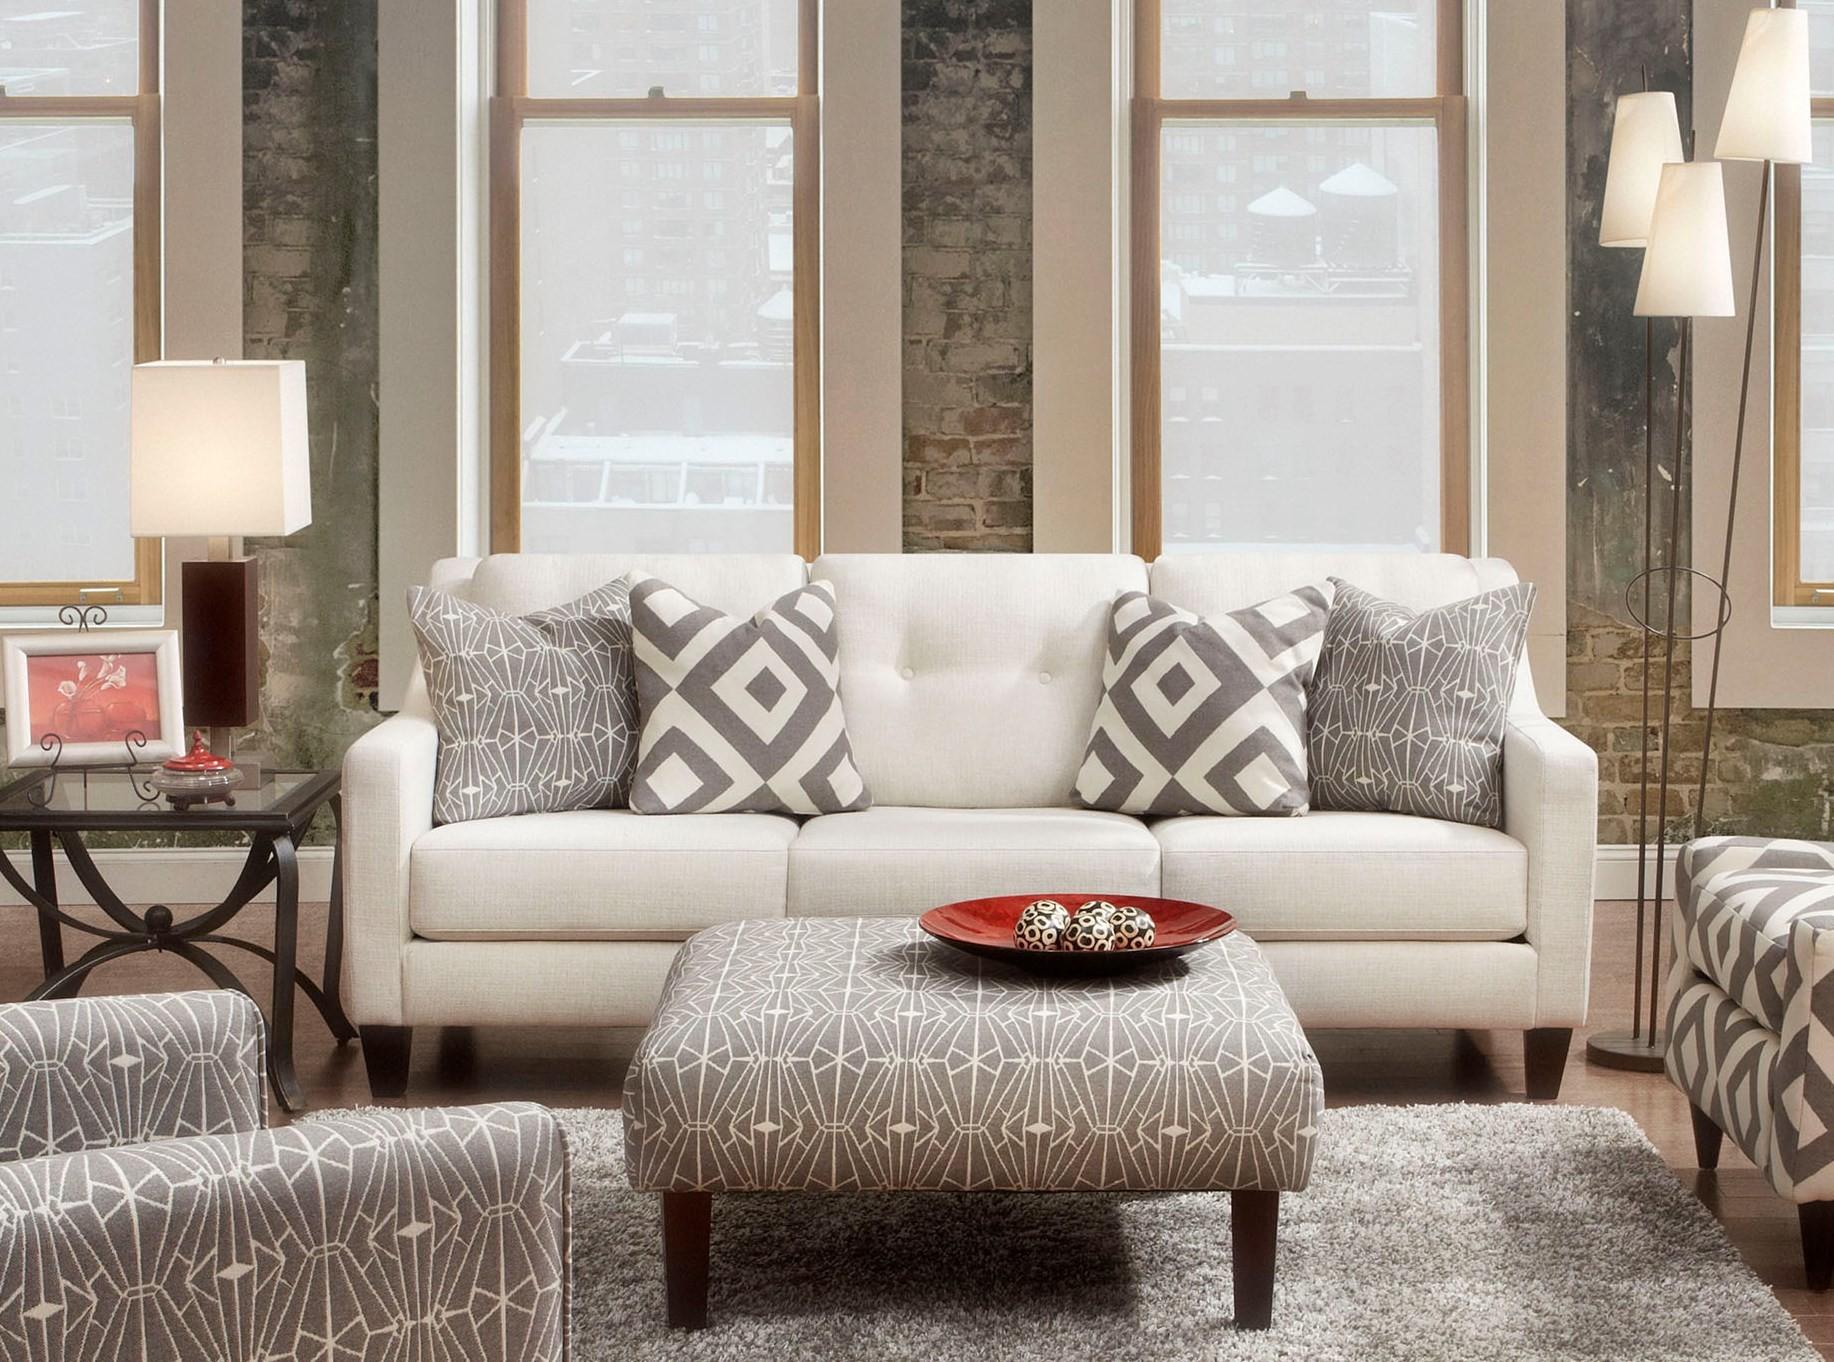 parker ivory living room set sm8563 sf furniture of america. Black Bedroom Furniture Sets. Home Design Ideas